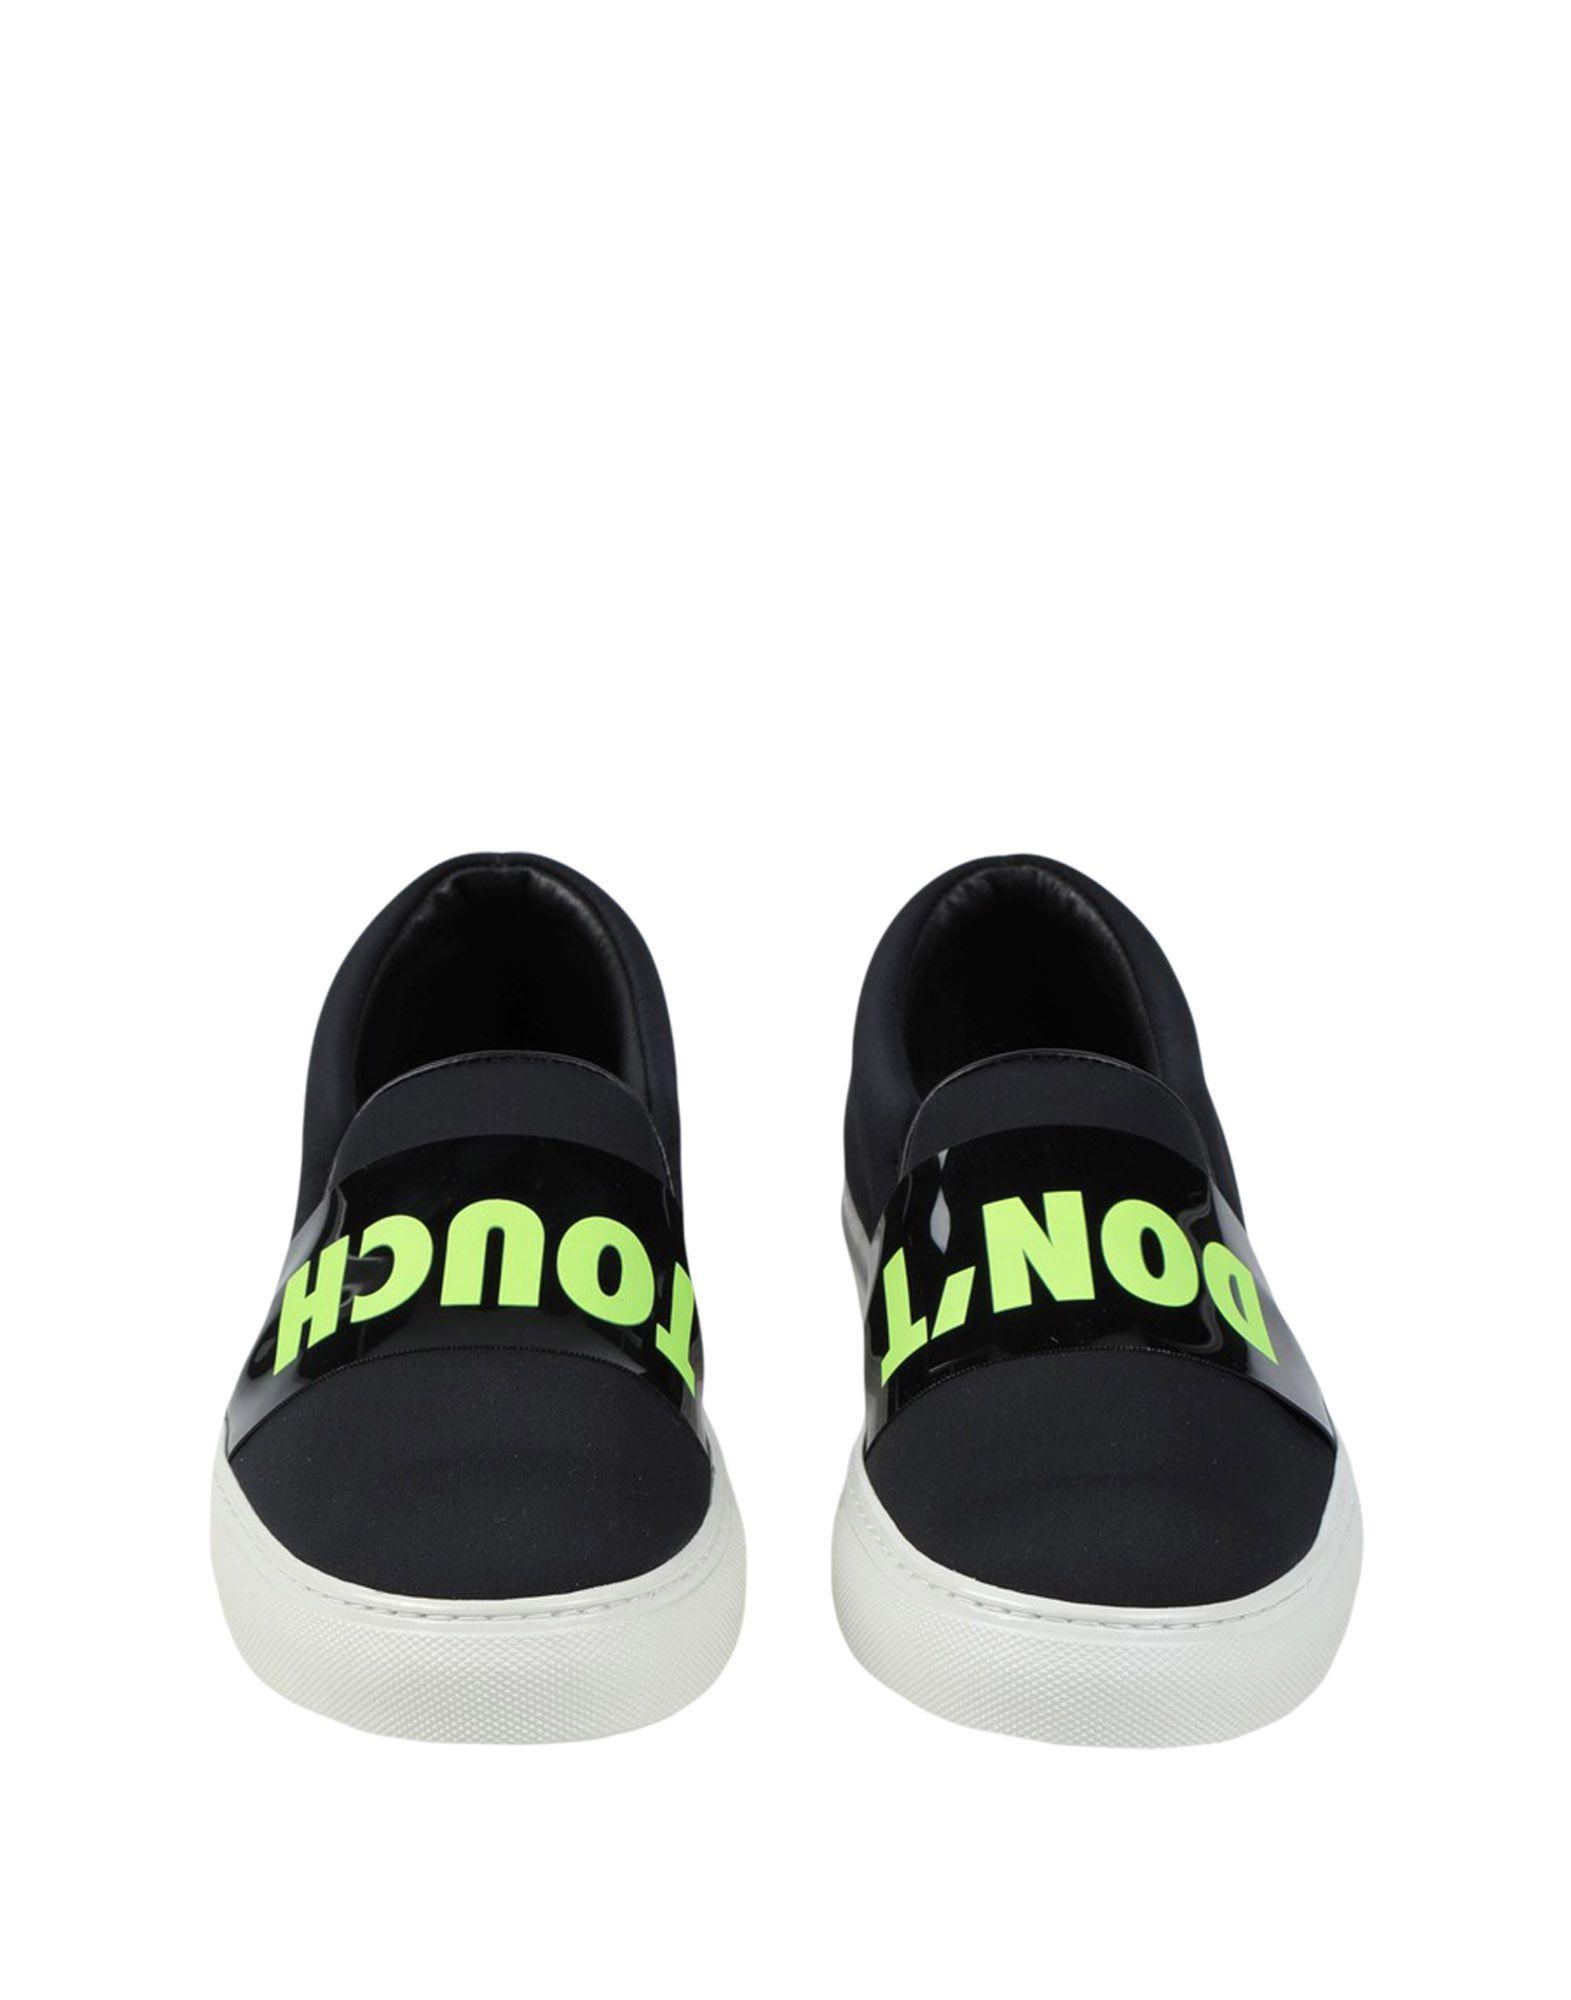 Sneakers Sanders Joshua Sanders Sneakers Donna - 11558206DS b34487